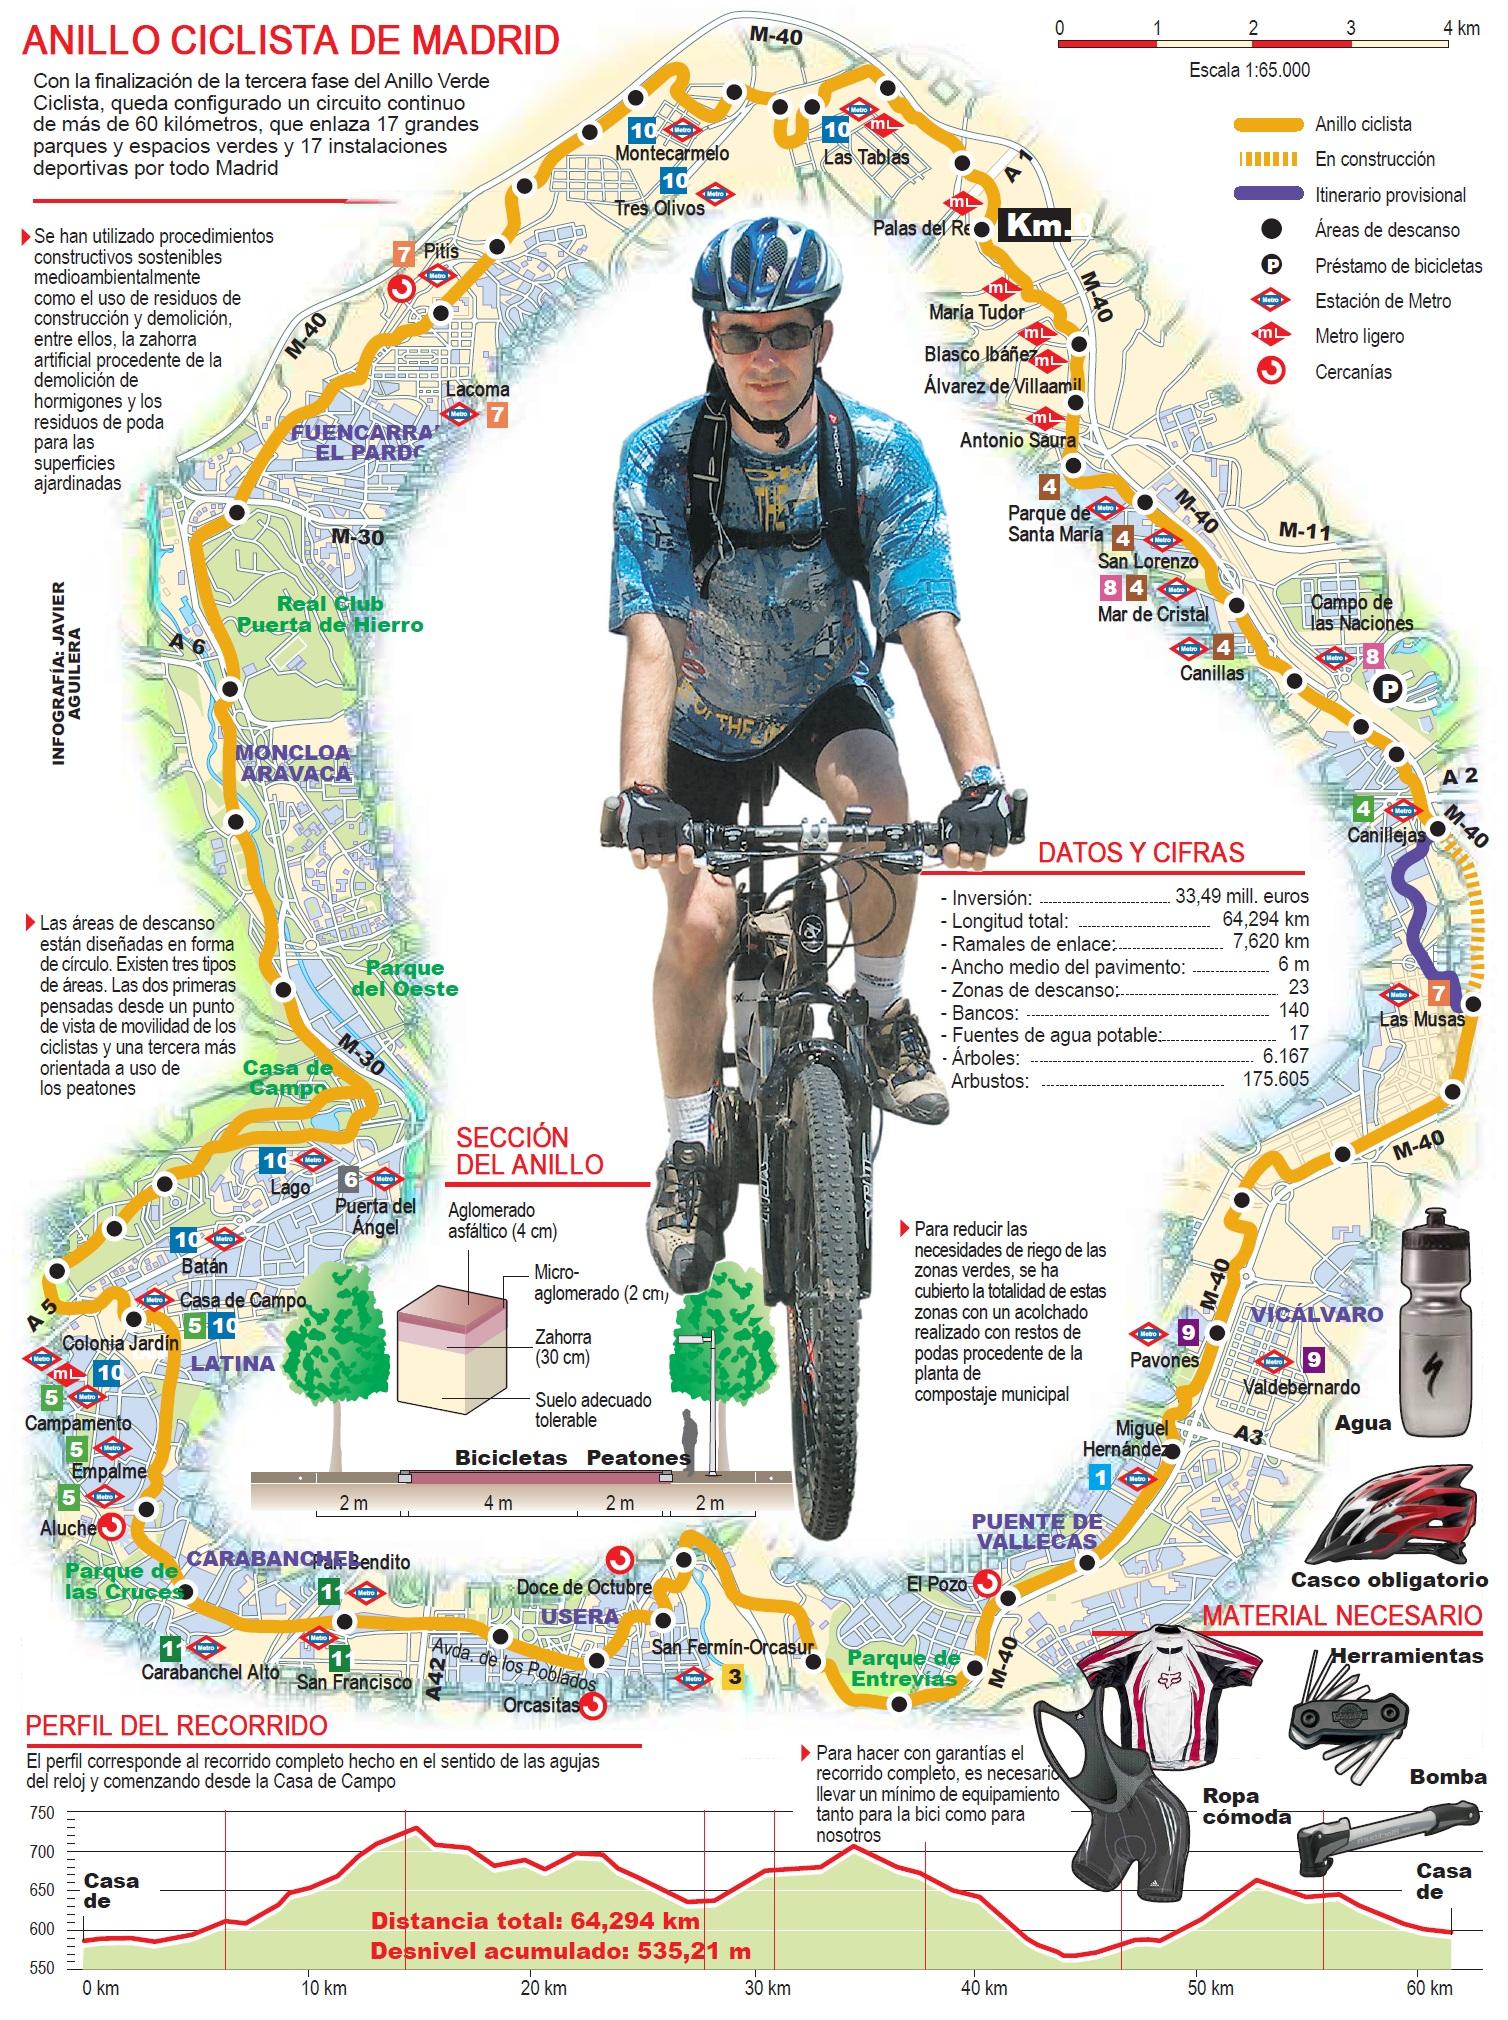 Nuevo estadio club atl tico de madrid accesos nuevo estadio - Anillo verde ciclista madrid mapa ...